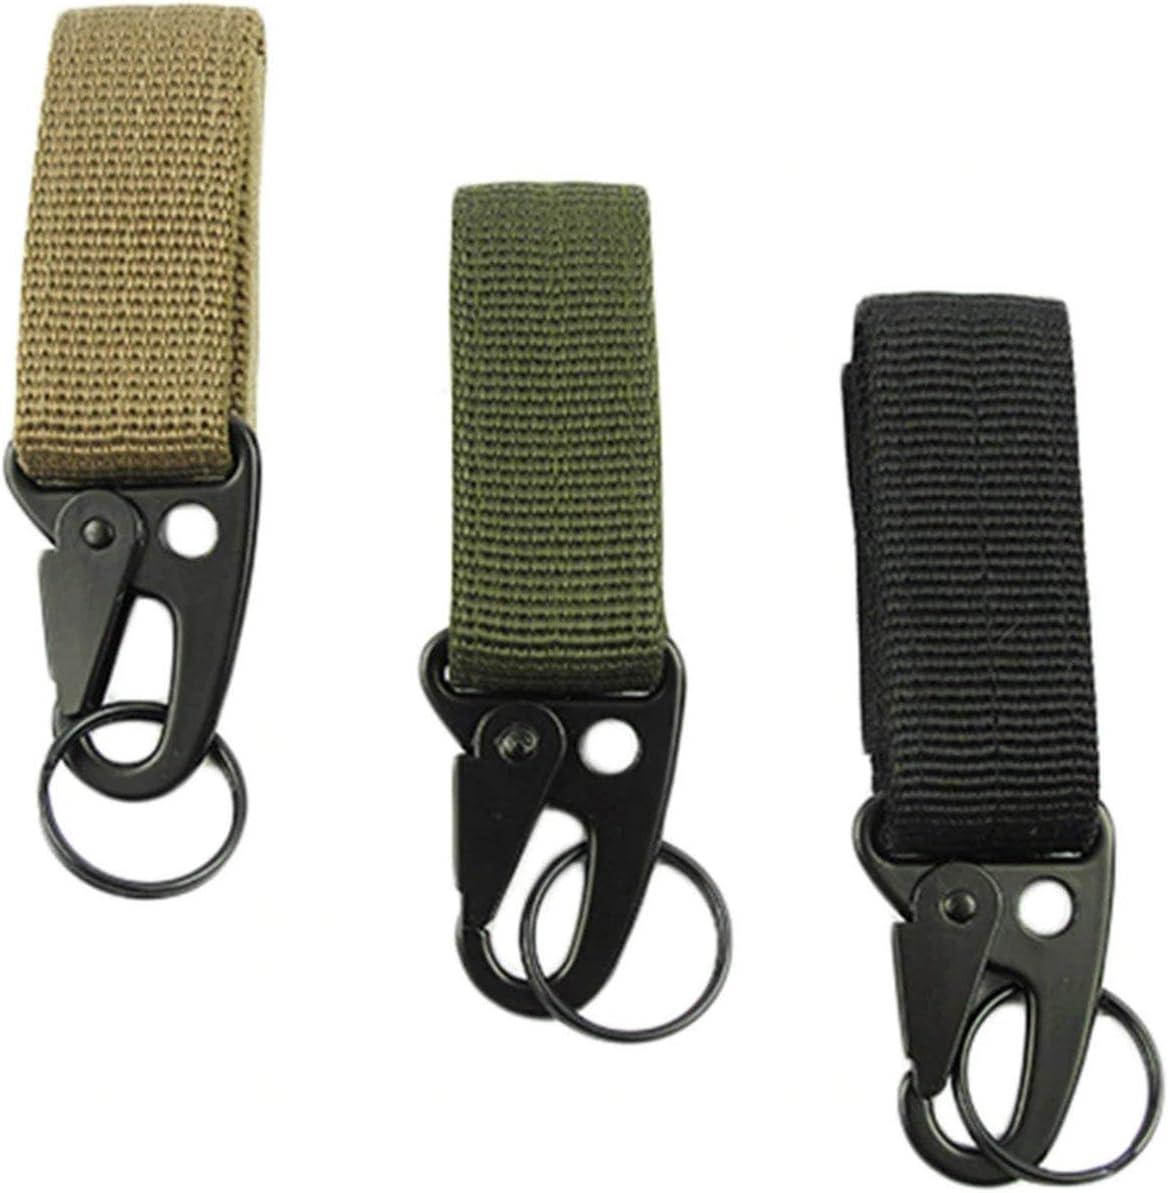 Dailyinshop Multifunktionale Outdoor-Camping-Tactical Karabiner Rucksack Haken Olecranon Molle Haken /Überleben Gang Schl/üsselanh/änger Haken